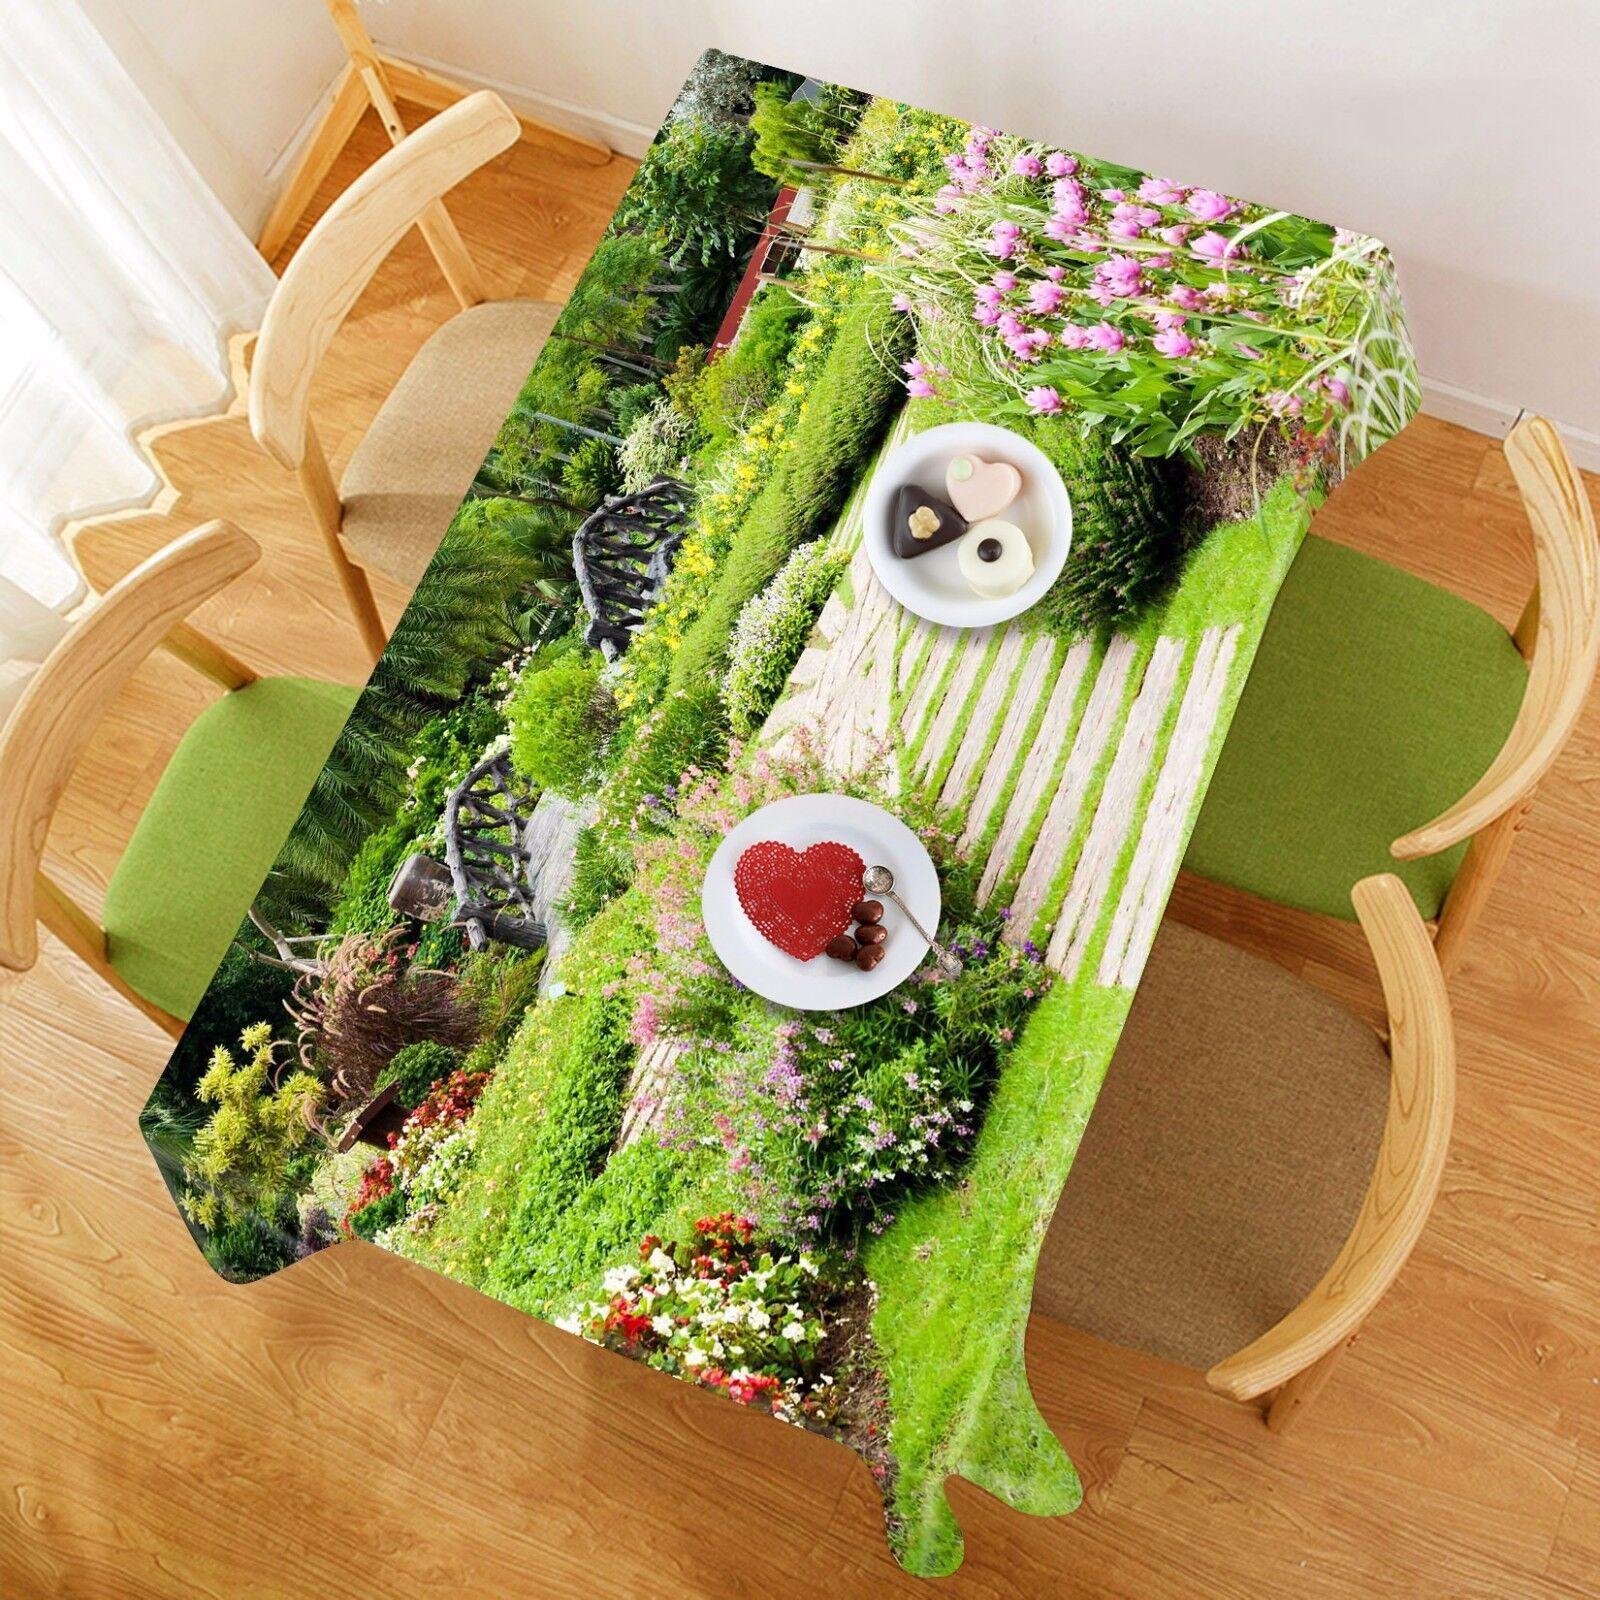 3D Pelouse Road 88 Nappe Table Cover Cloth Fête D'Anniversaire événement AJ papier peint UK